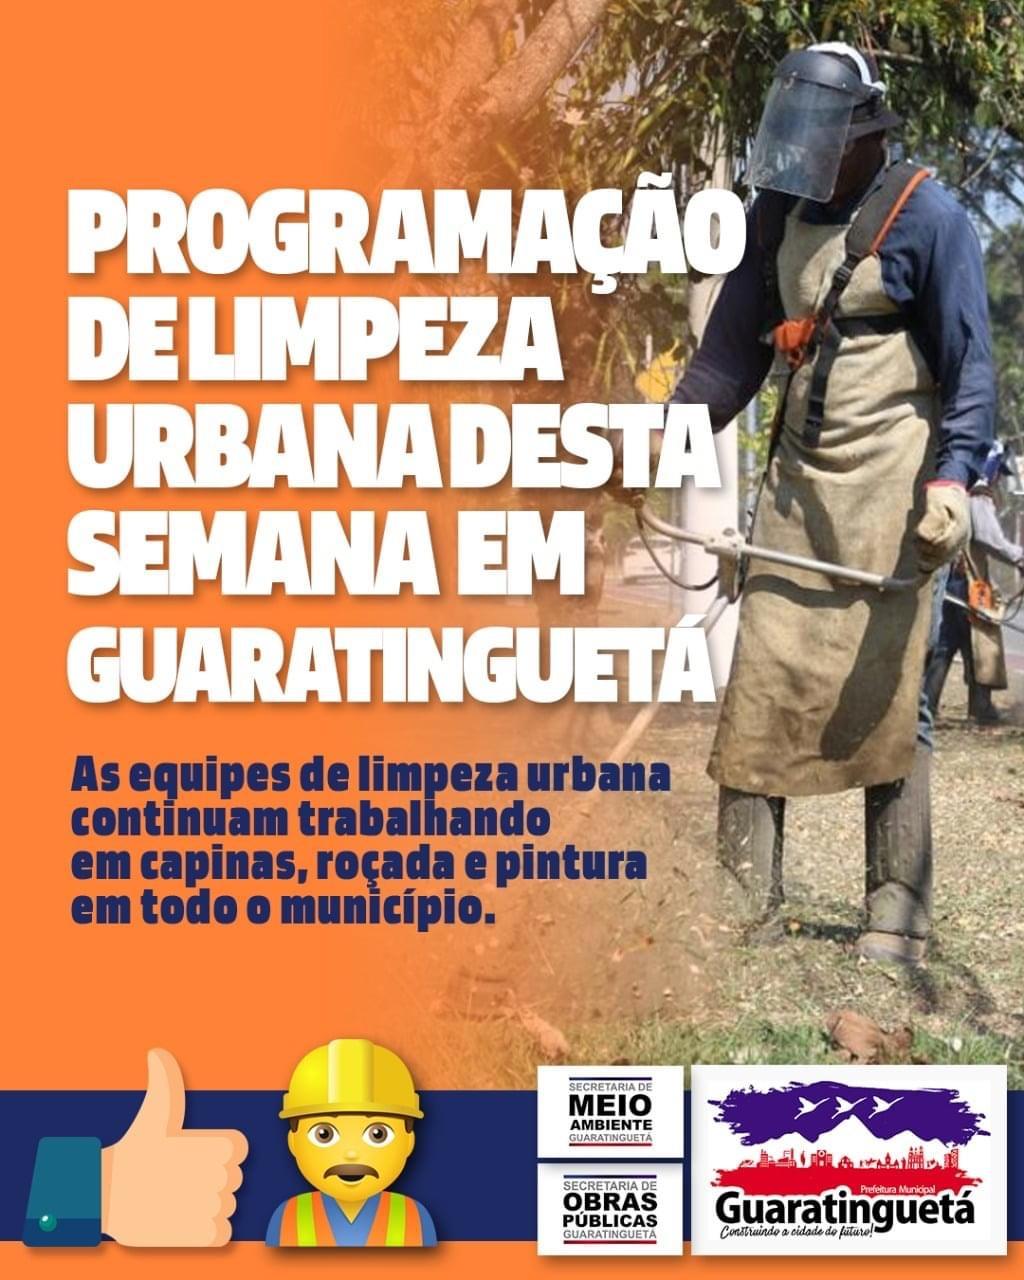 Programação da limpeza urbana em Guaratinguetá